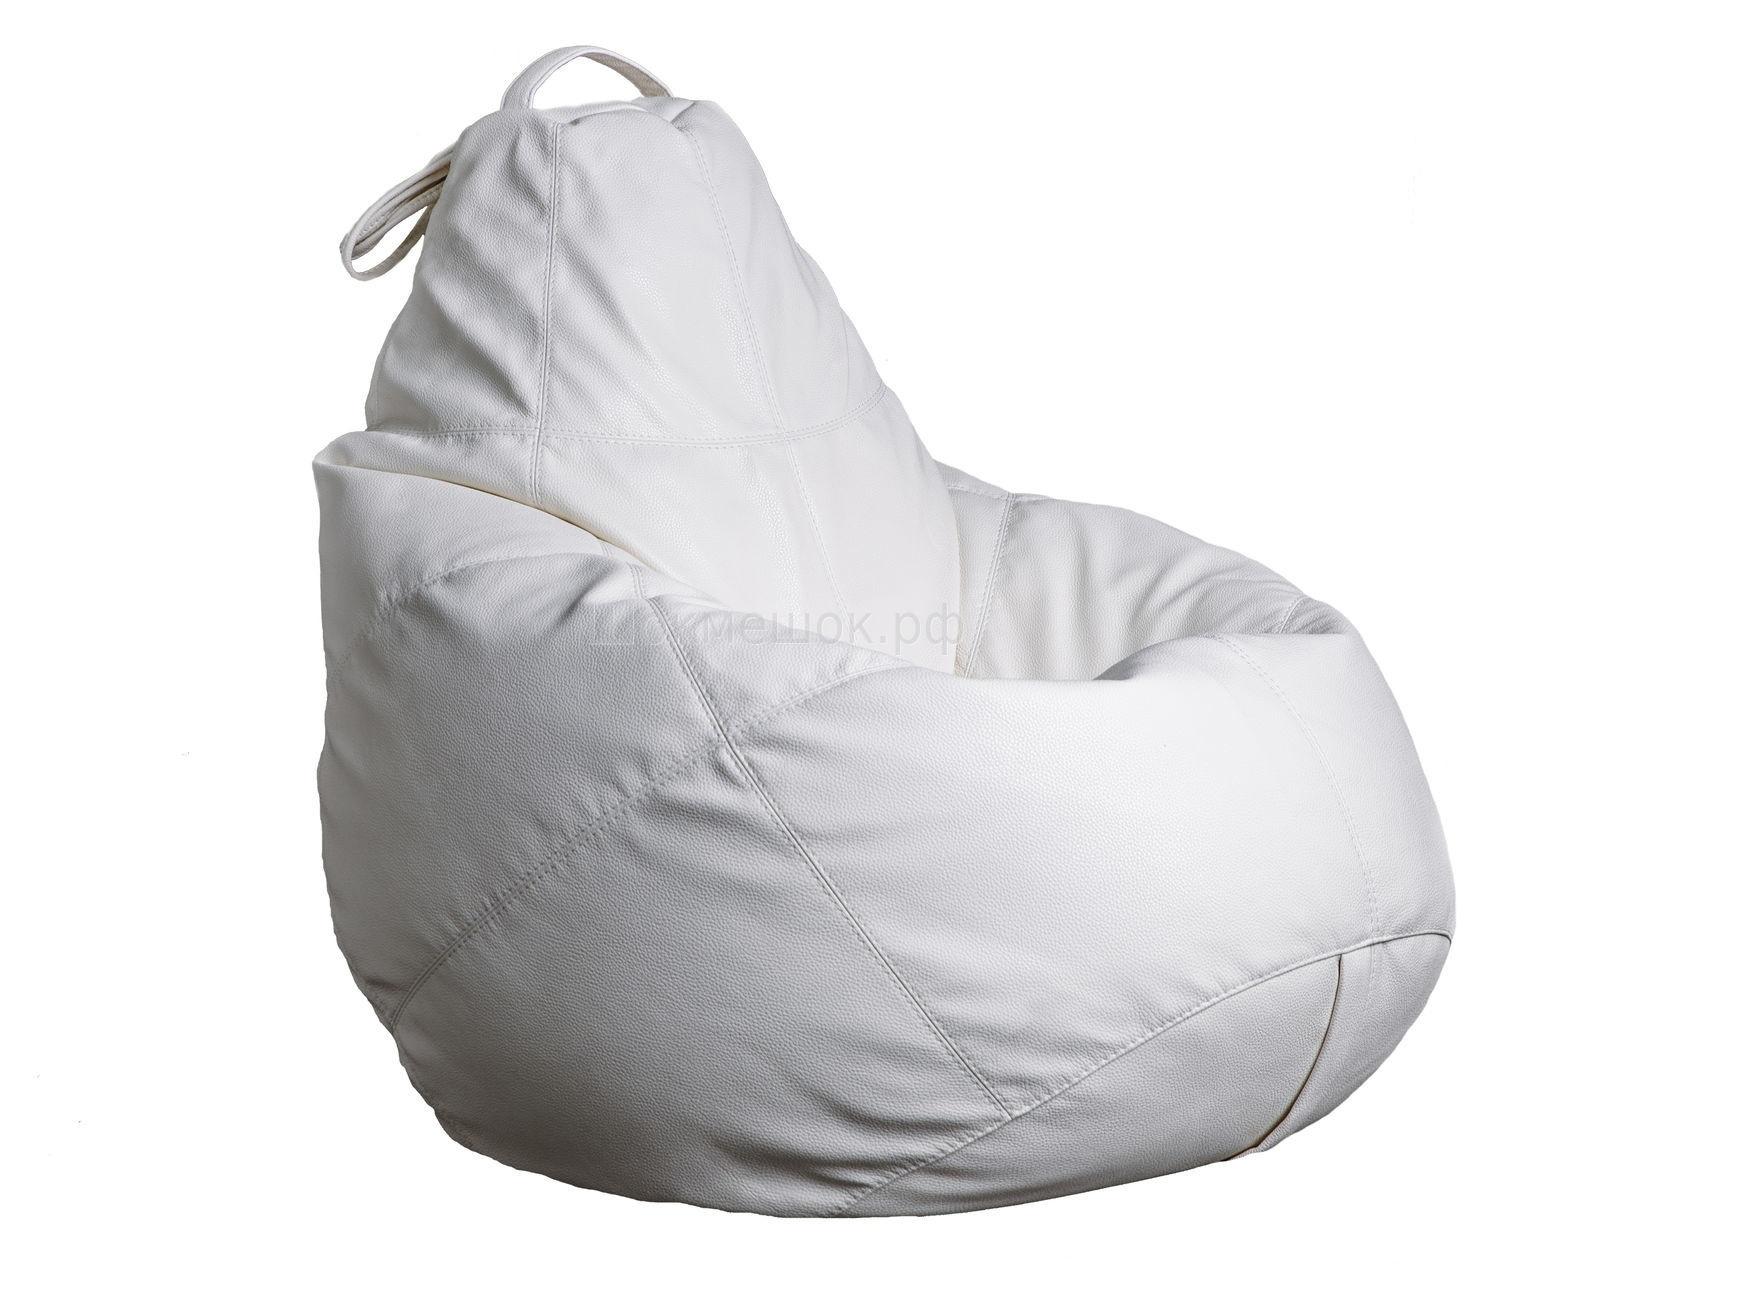 Бескаркасное креслоКресла-мешки<br>Бескаркасное кресло-мешок Boss - это кресло большого размера, которое хорошо поддерживает спину и плечи. Это делает кресло удобным для отдыха. Ткань - нанокожа Bionica c пористой &amp;quot;дышашей&amp;quot; мембраной и мерией природного материала.<br><br>Material: Кожа<br>Ширина см: 95<br>Высота см: 150<br>Глубина см: 95